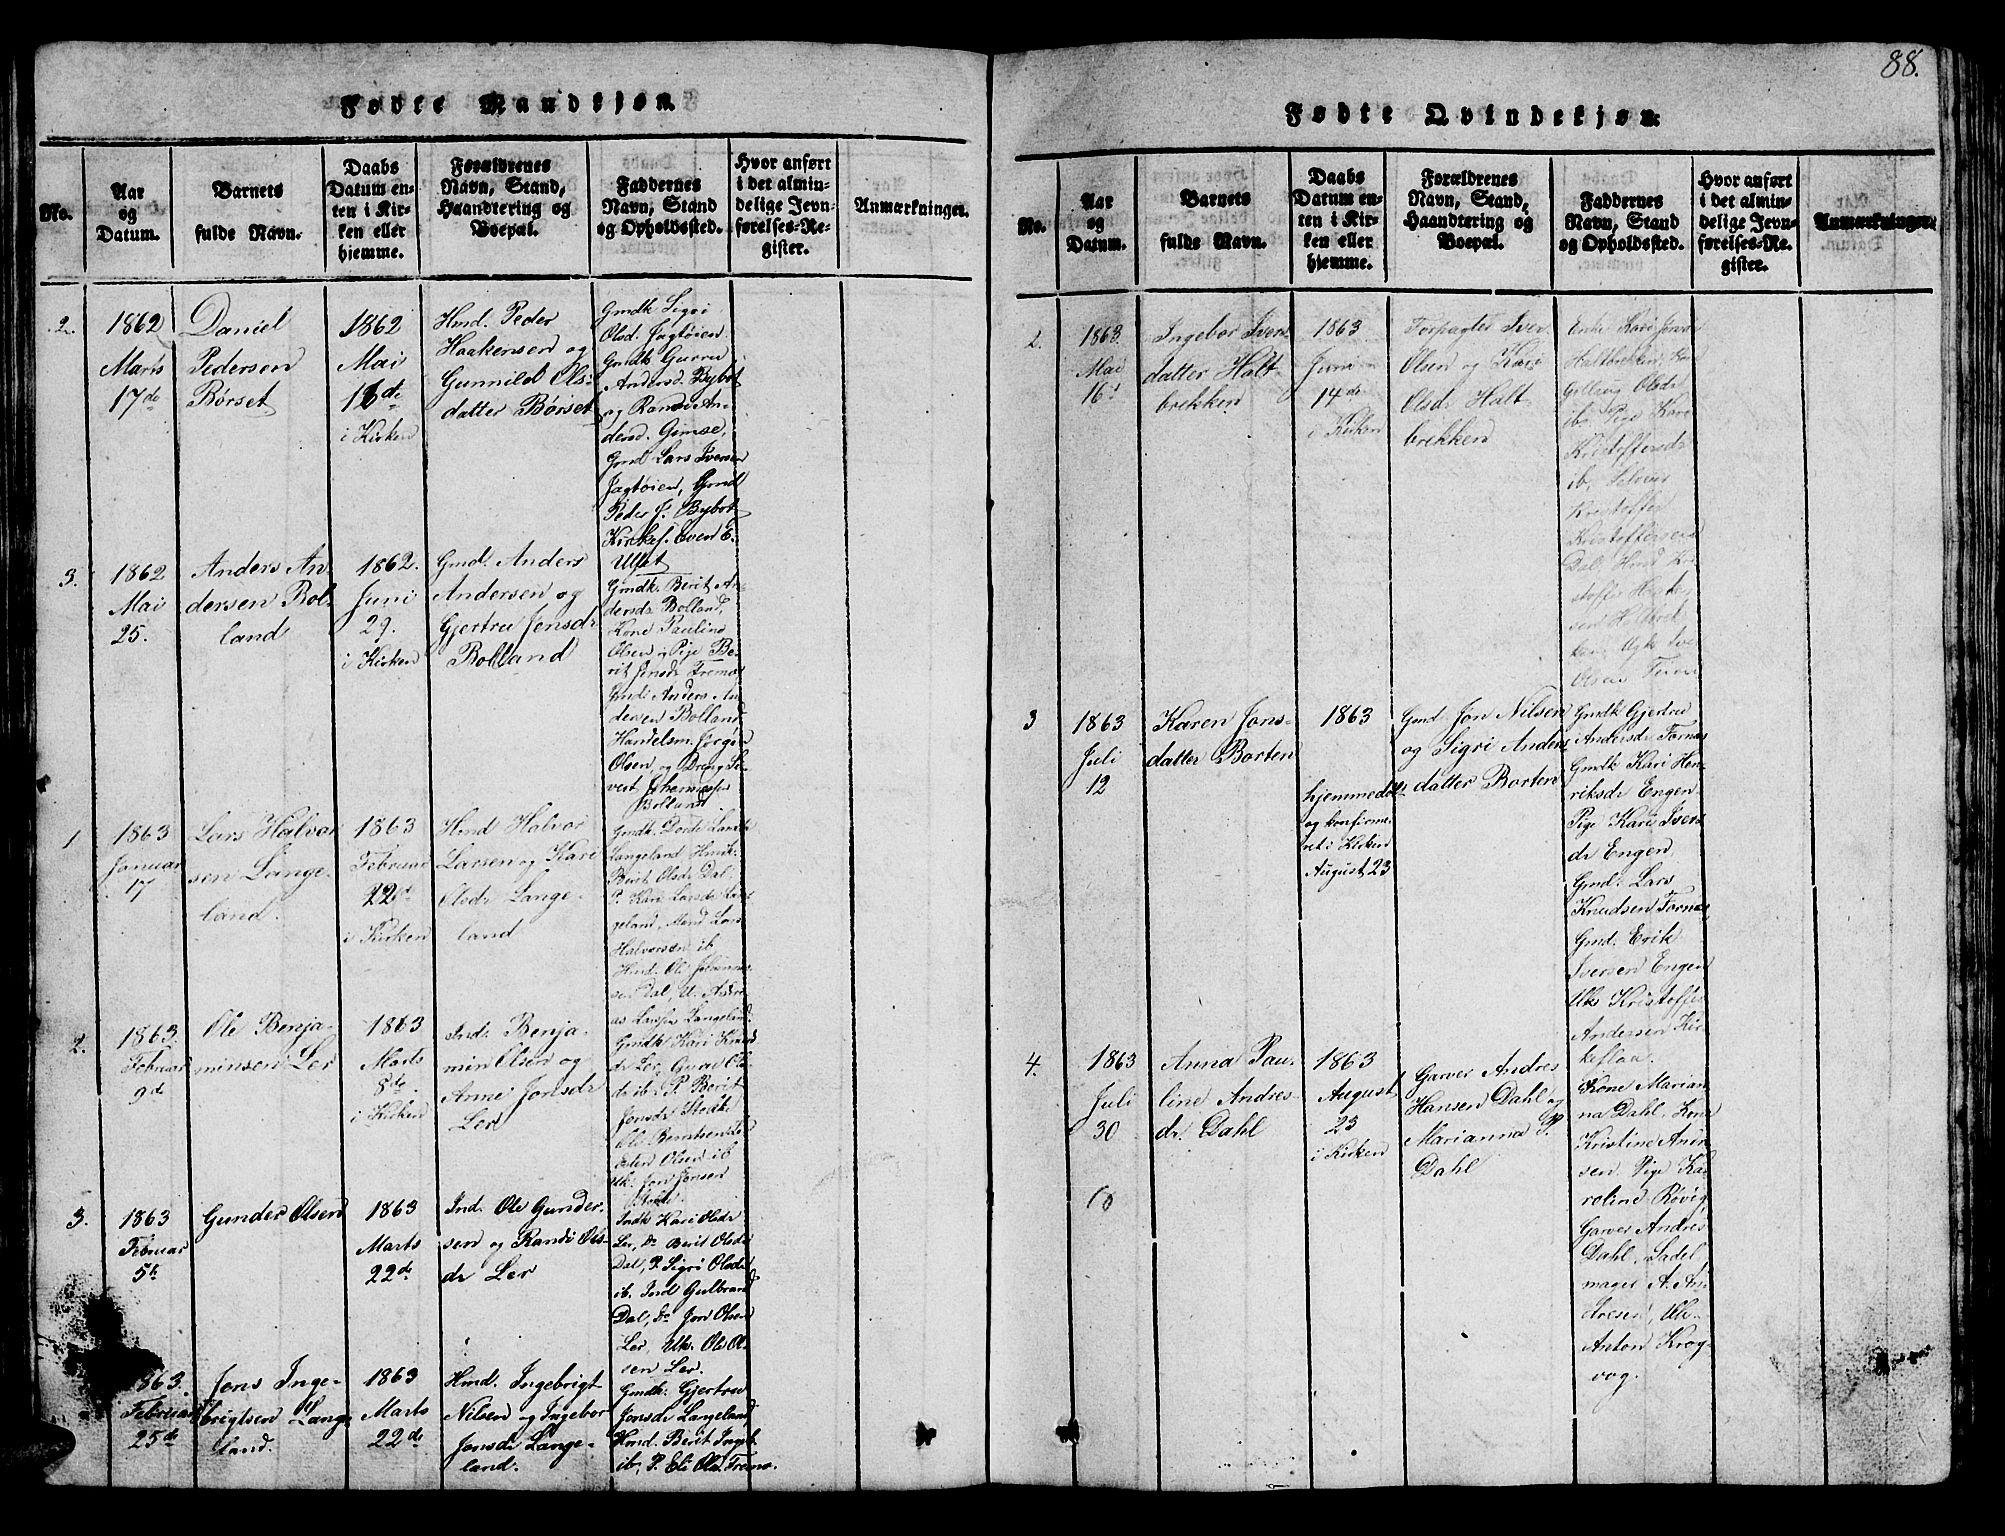 SAT, Ministerialprotokoller, klokkerbøker og fødselsregistre - Sør-Trøndelag, 693/L1121: Klokkerbok nr. 693C02, 1816-1869, s. 88